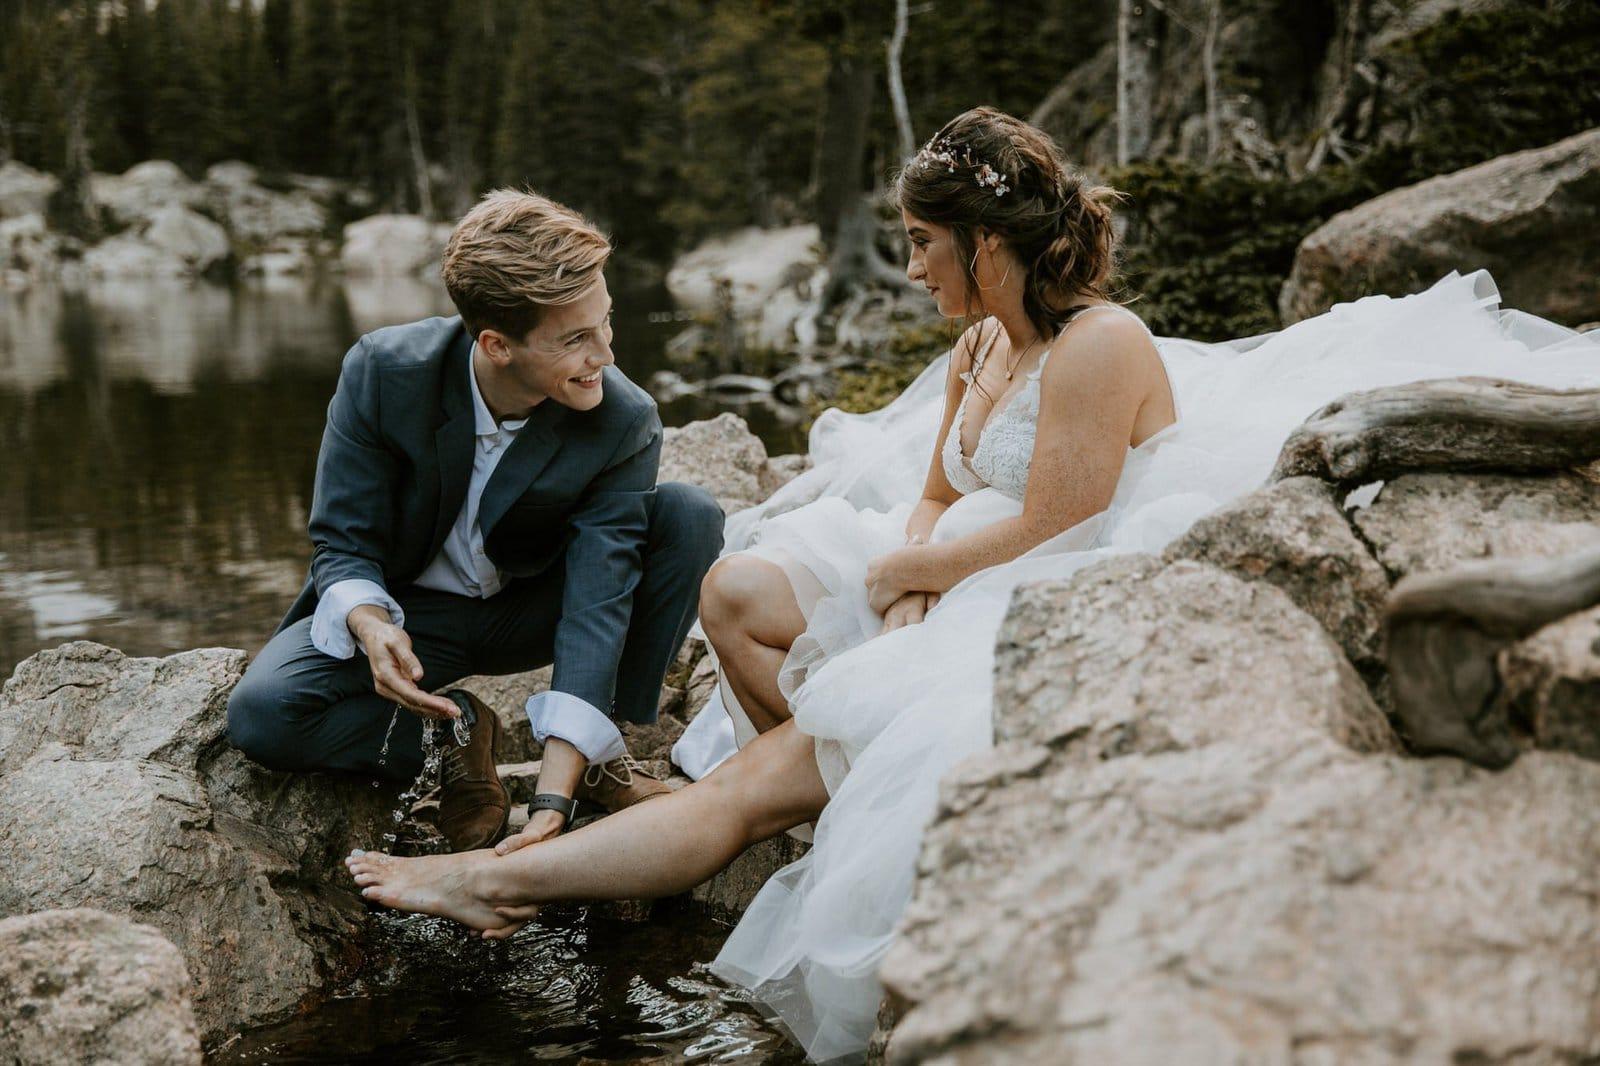 Groom washing bride's feet.